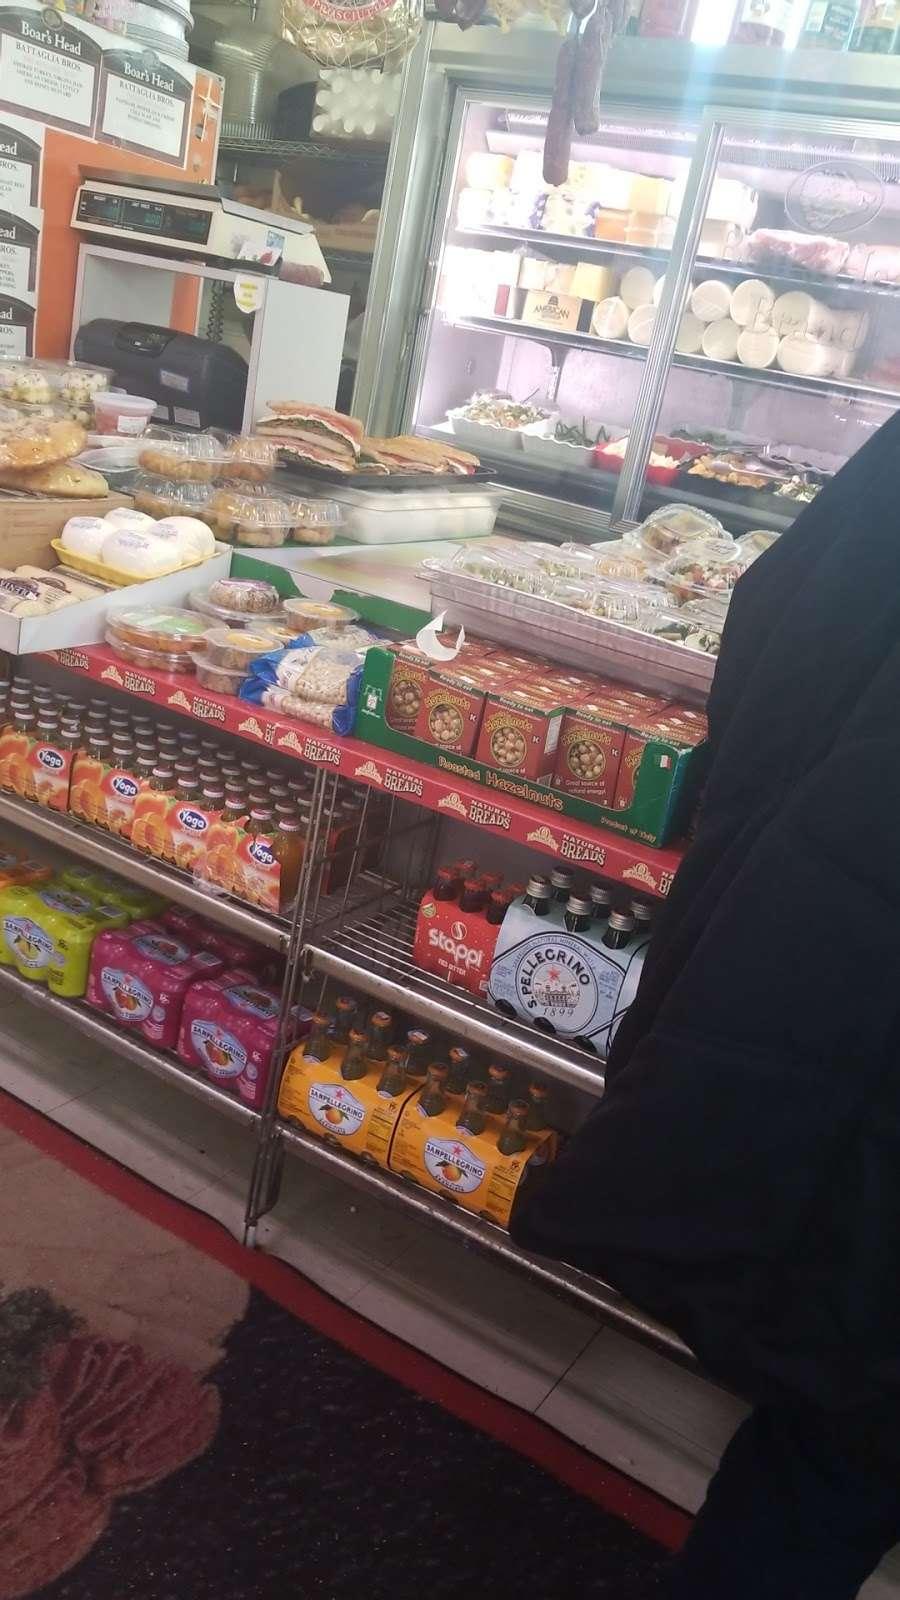 Leos Bakery & Deli - bakery  | Photo 9 of 10 | Address: 514 Grand Ave, North Bergen, NJ 07047, USA | Phone: (201) 348-8433